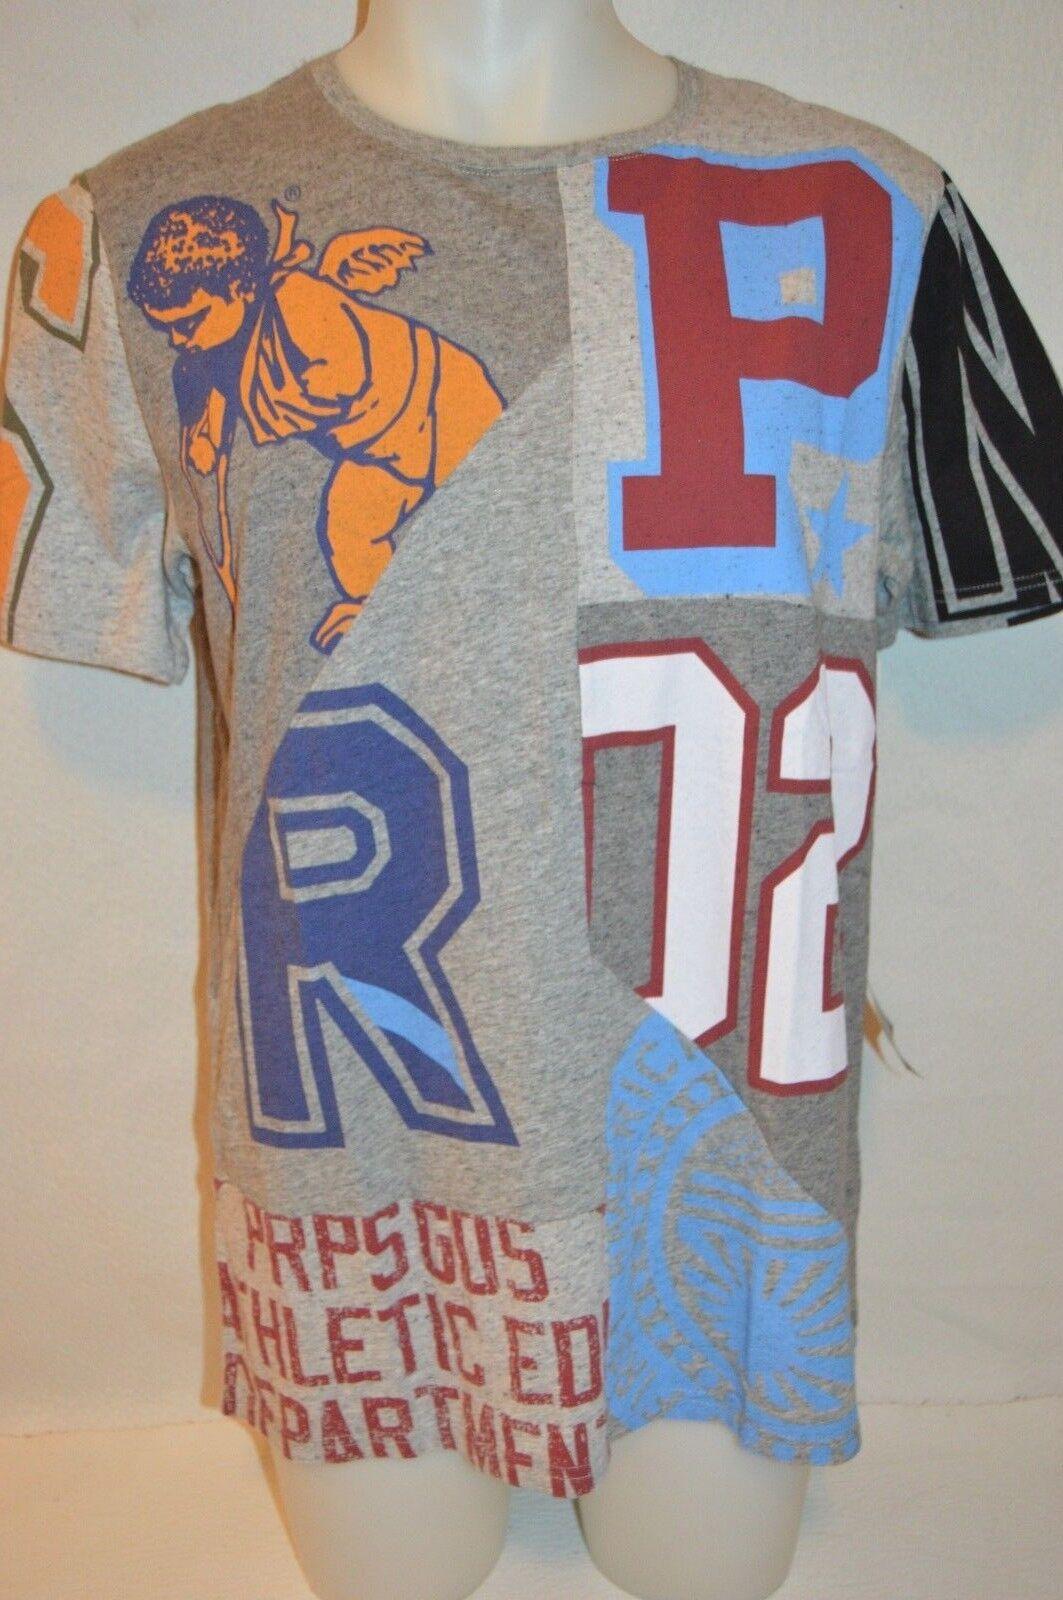 PRPS Goods & Co. Man's Premium Design T-Shirt NEW  Size X-Large   Retail